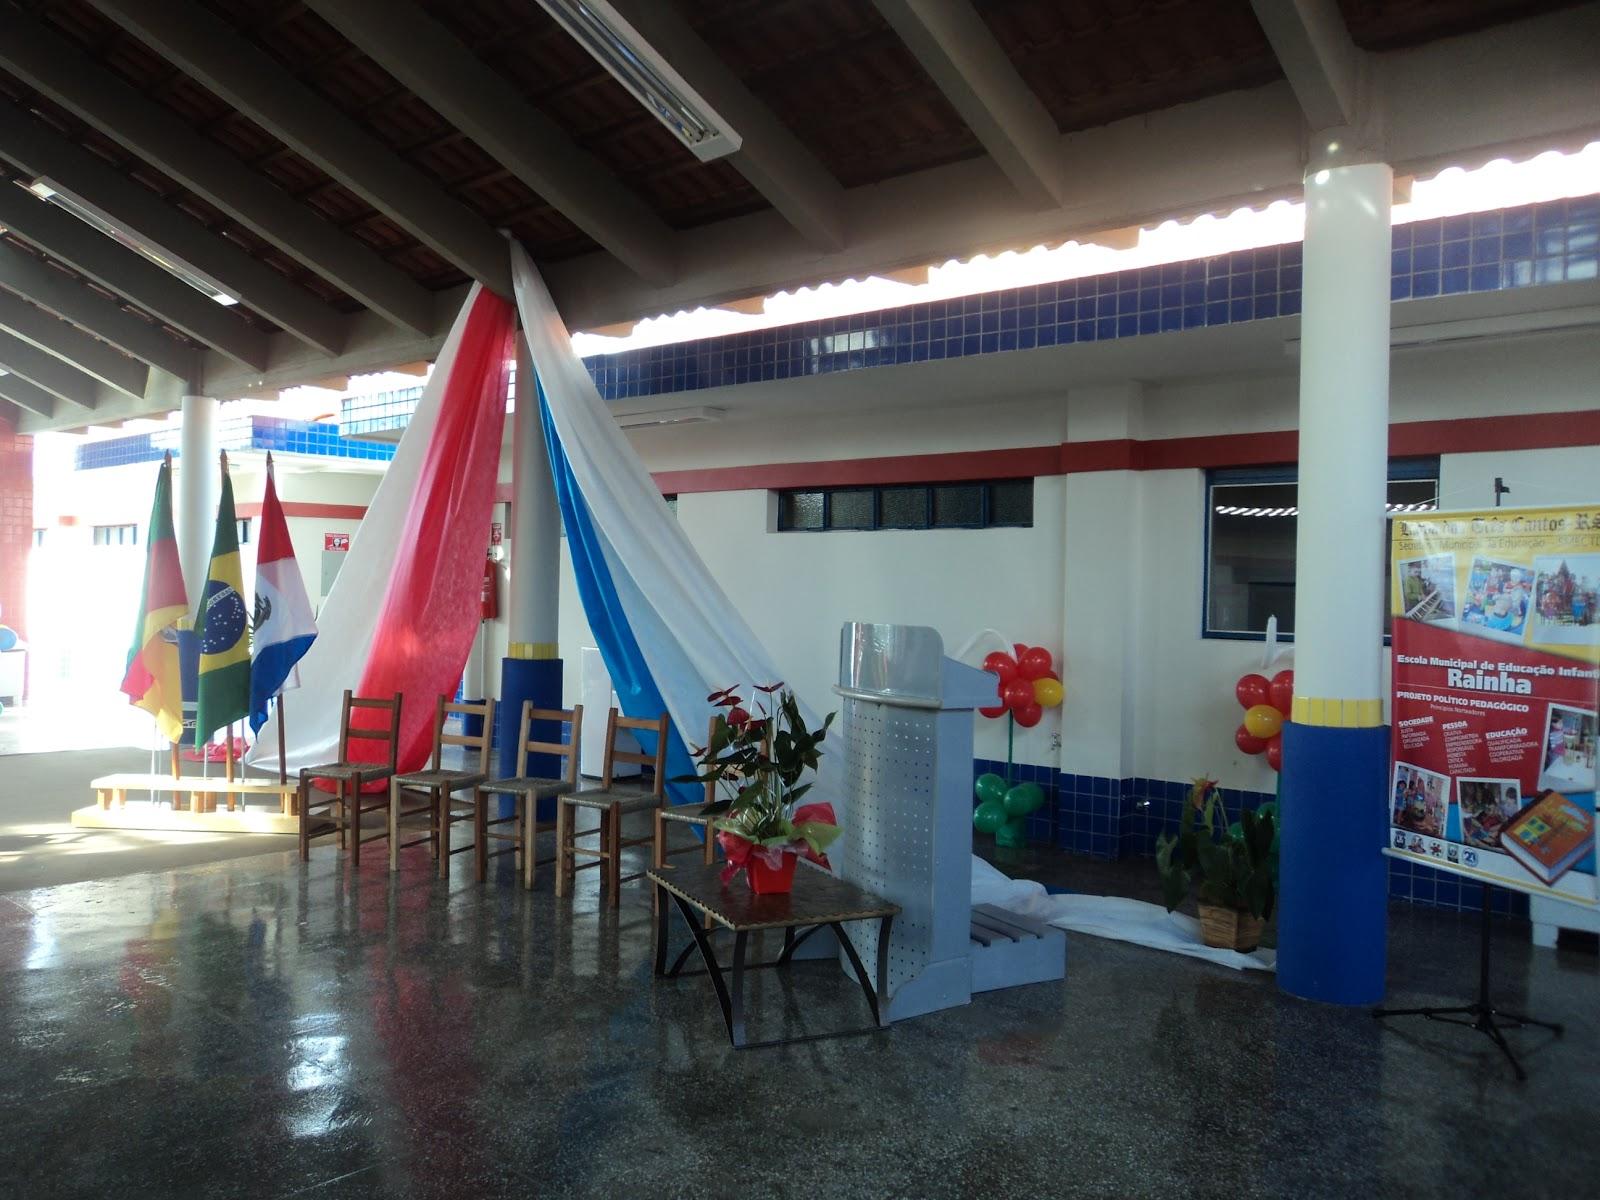 projetos da Escola preparou o lanche na nova cozinha com auxilio da #223B62 1600 1200